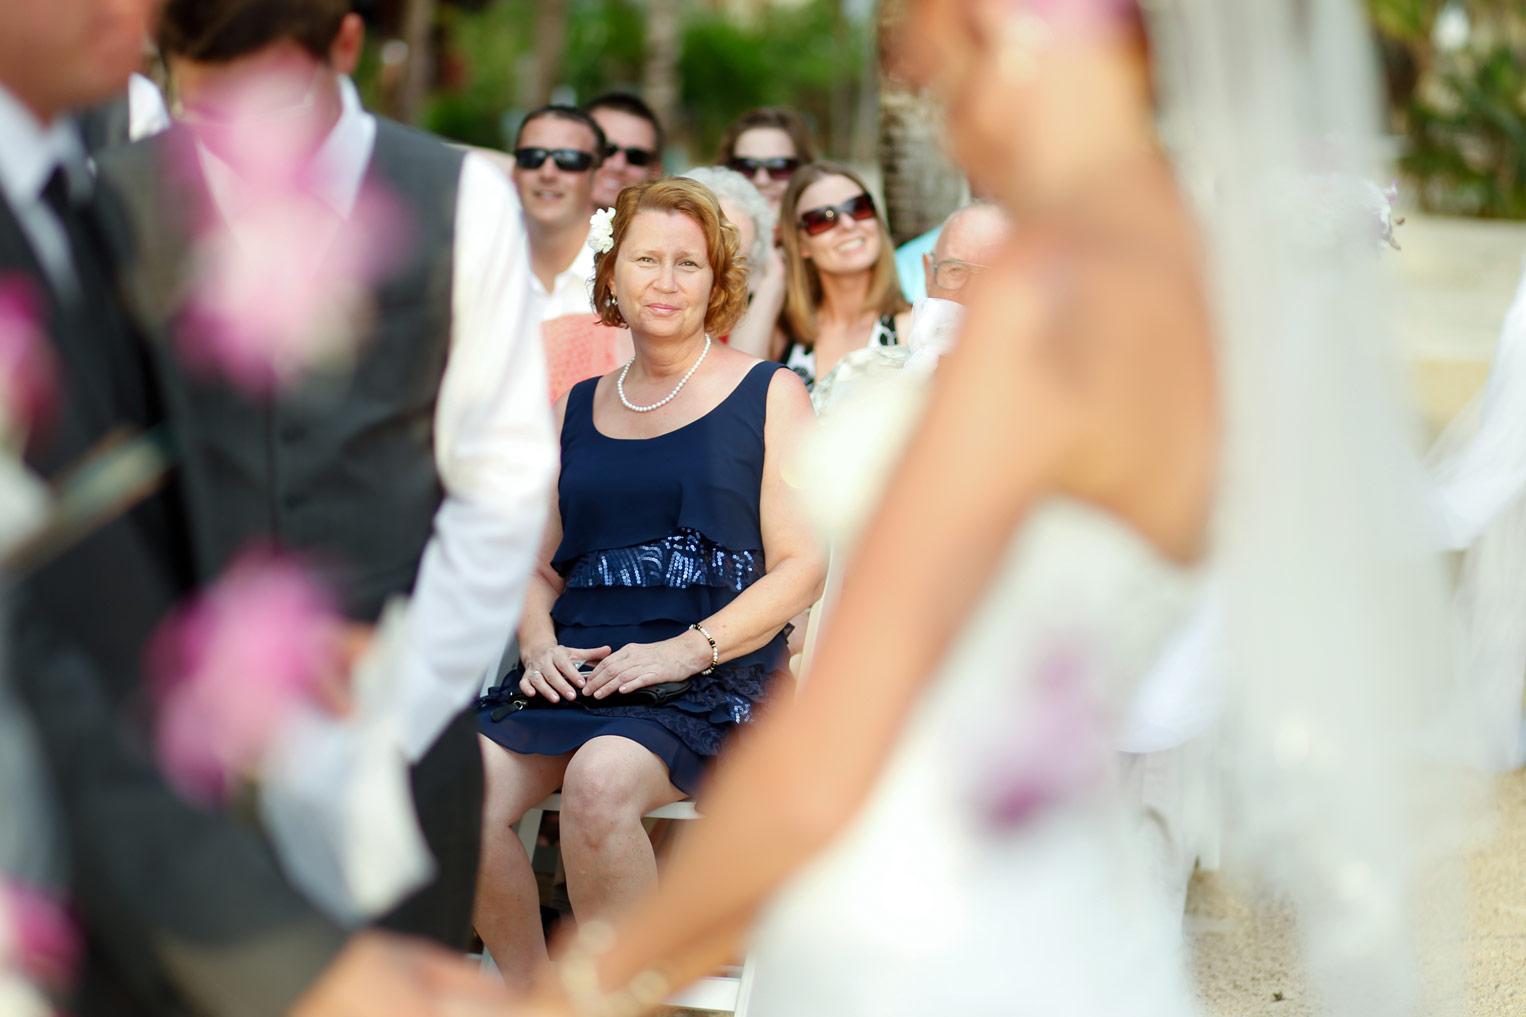 jamaica-milwaukee-destination-wedding-ruthie-hauge-photography-32.jpg